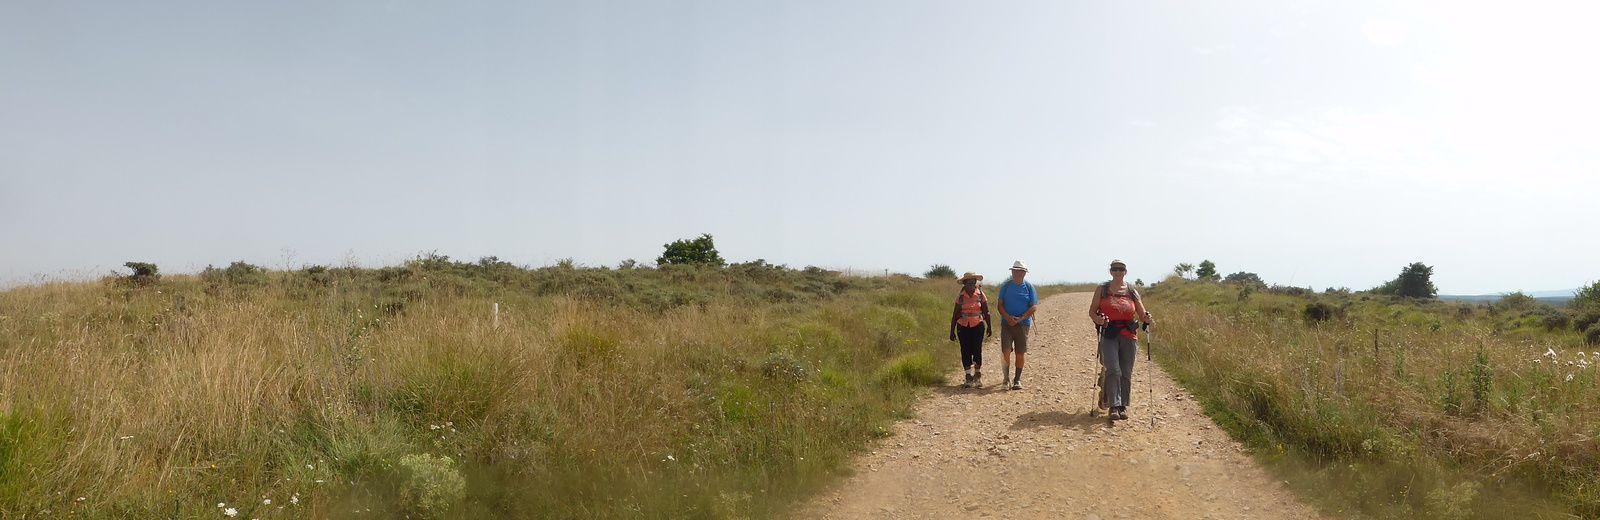 Magnifique Panoramique sur le village d'Agés devant nous et panoramique dans l'autre sens, un peu flou.